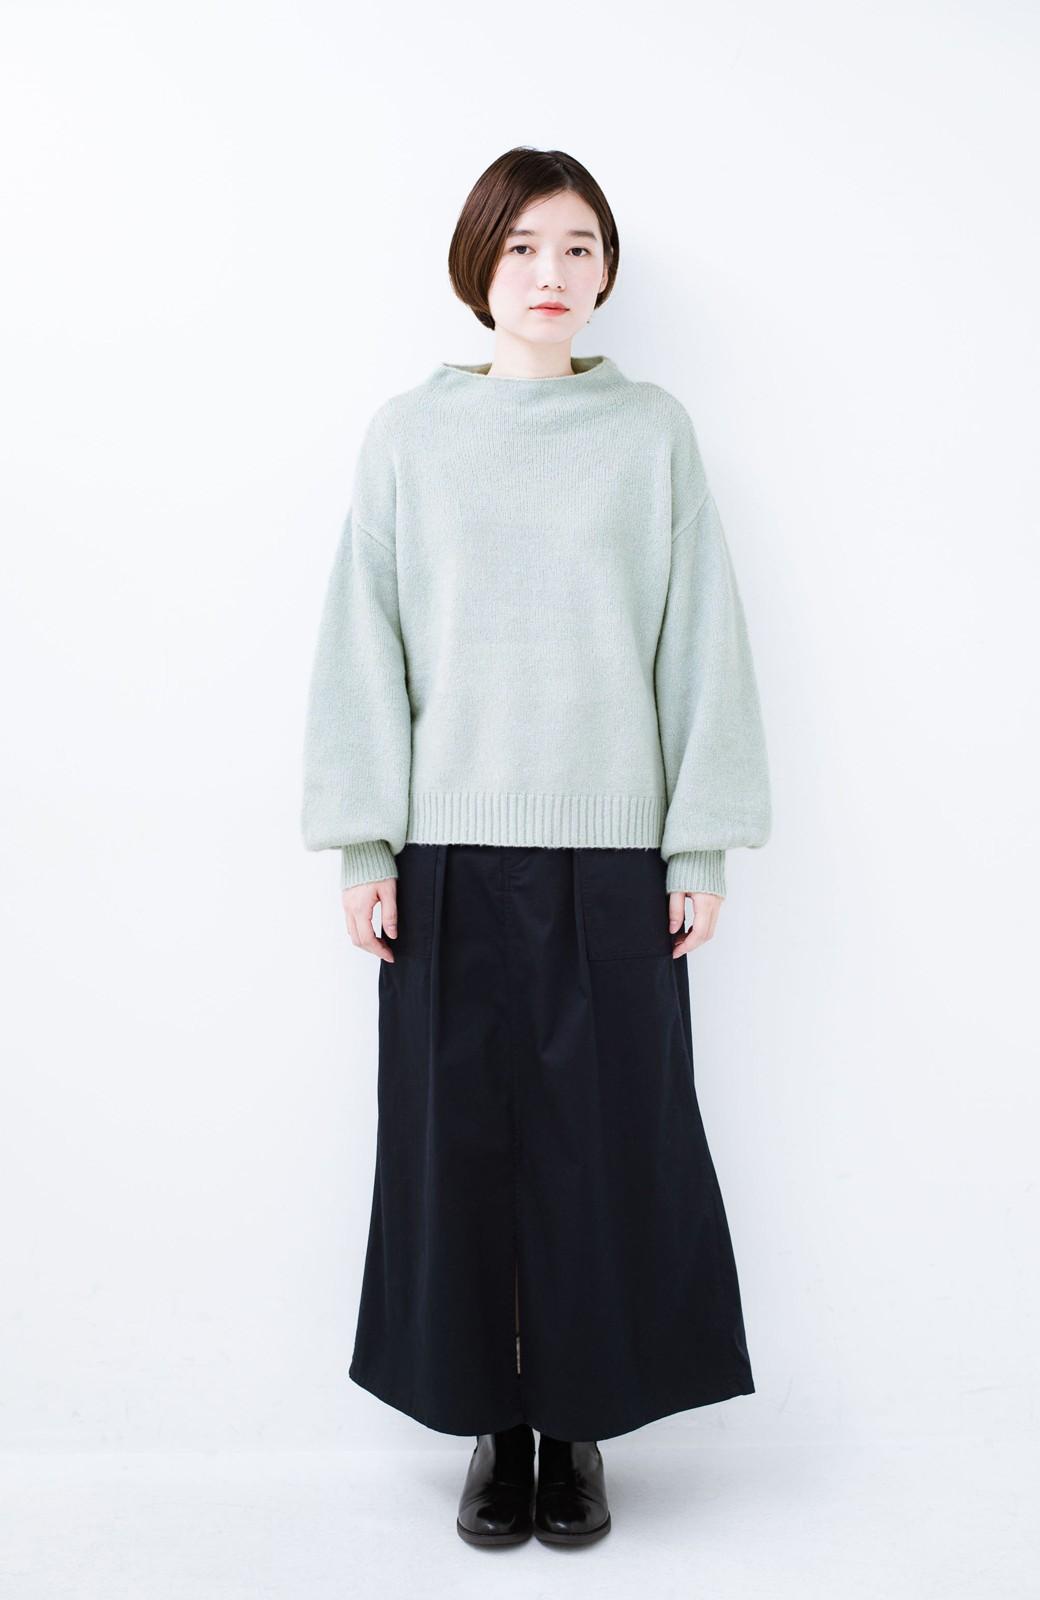 haco! パッと着るだけでかわいくなれる気がする ぷっくり袖のボトルネックニット <ライトグリーン>の商品写真5